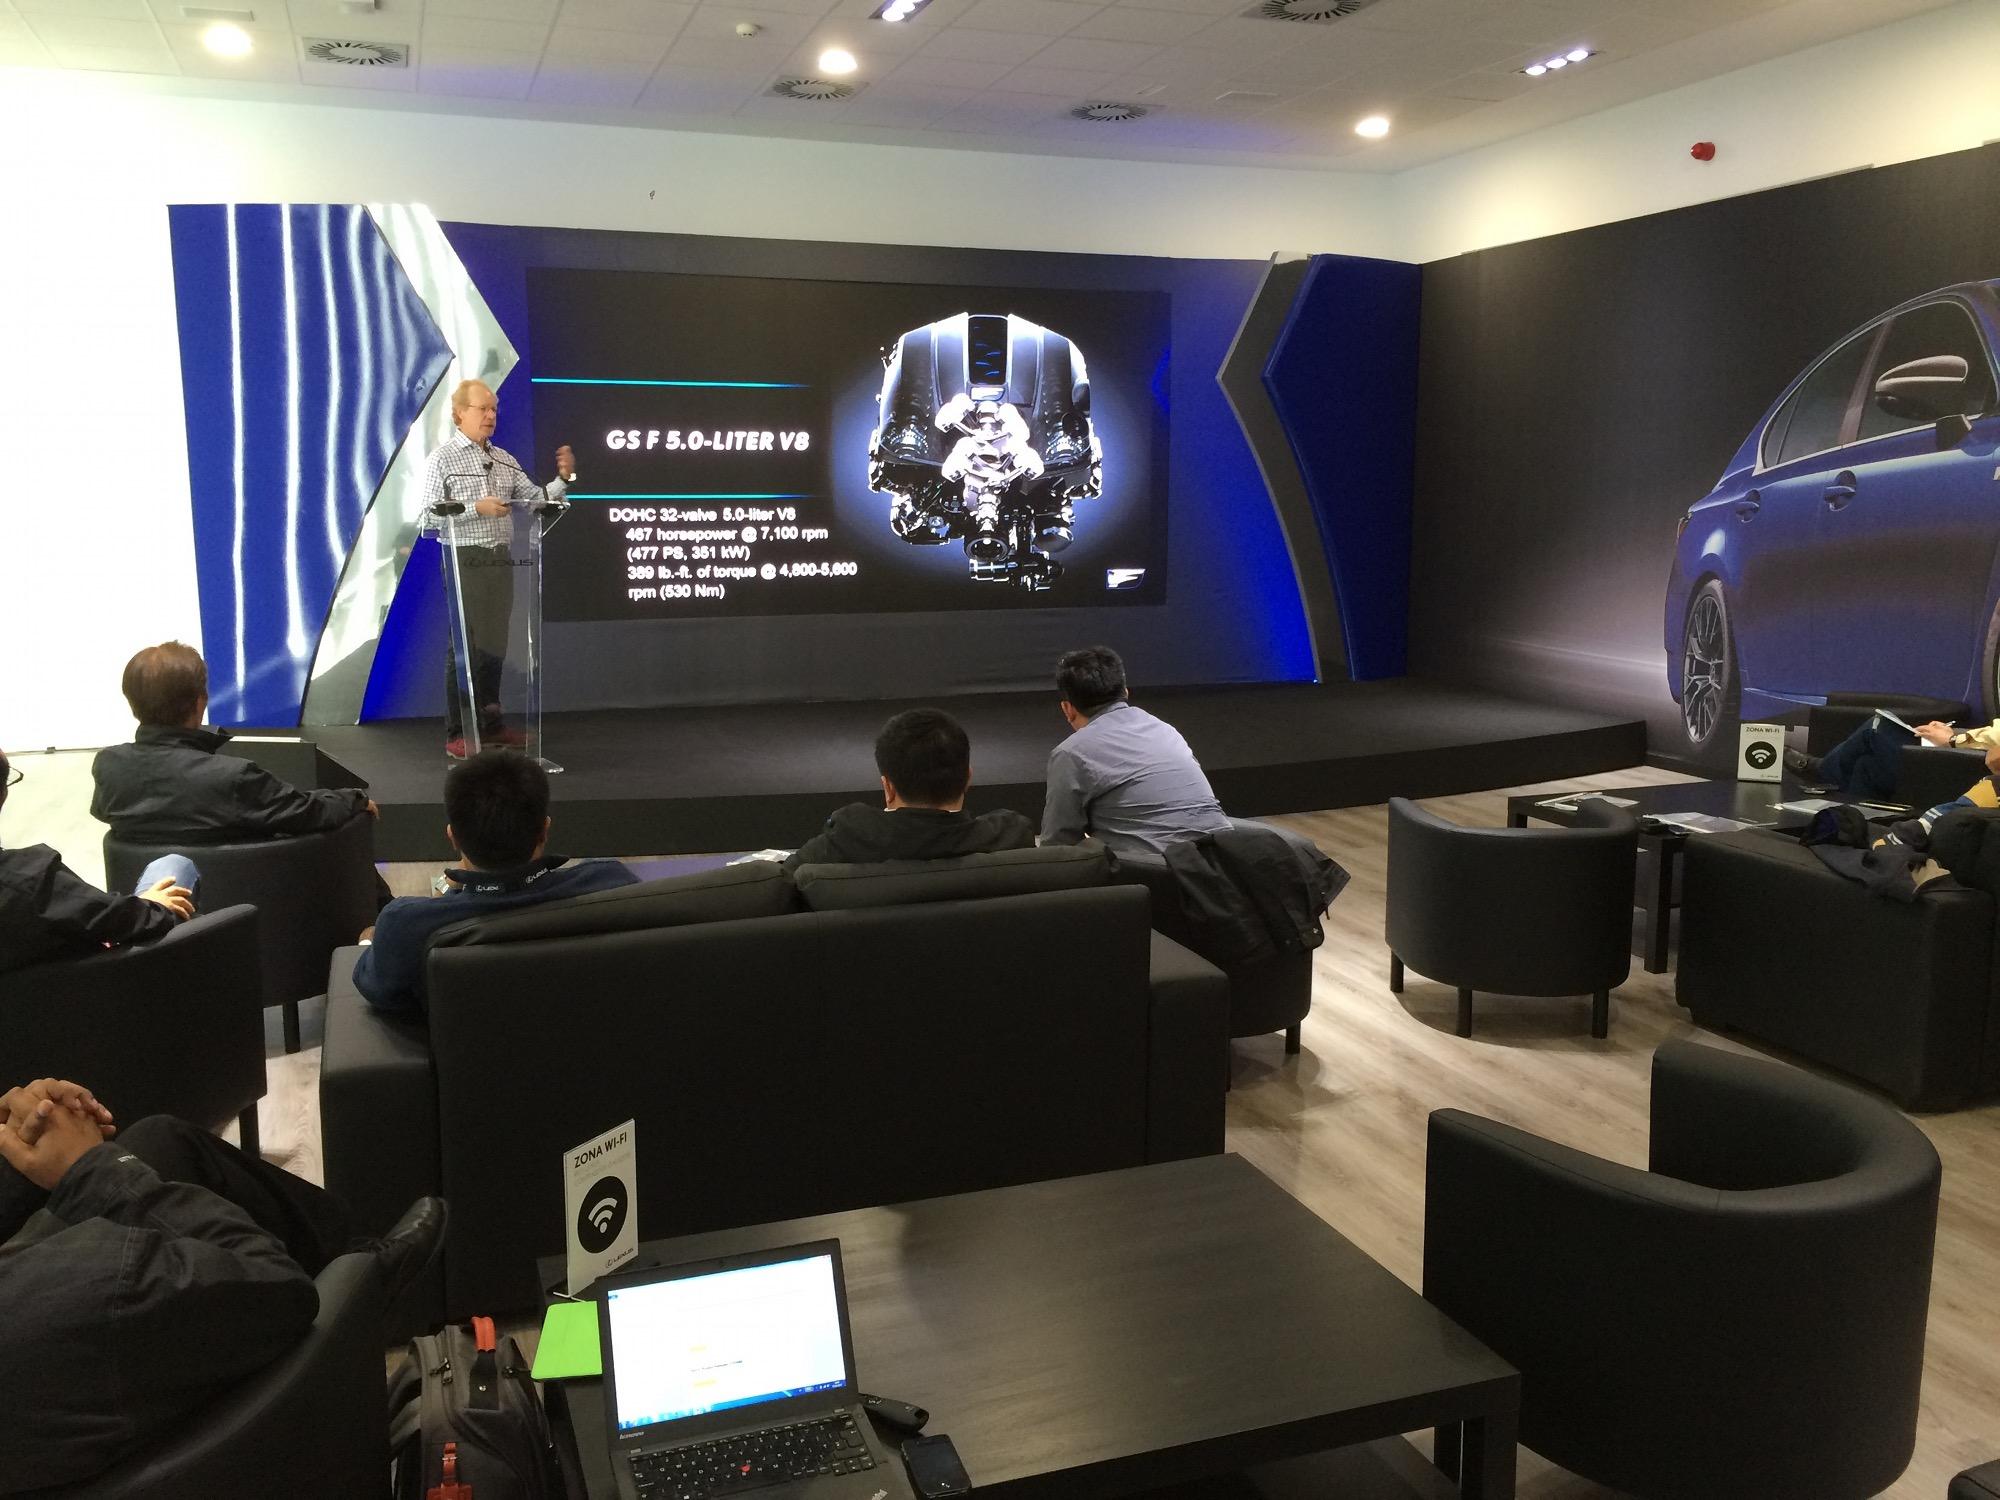 Presentación Lexus GSF